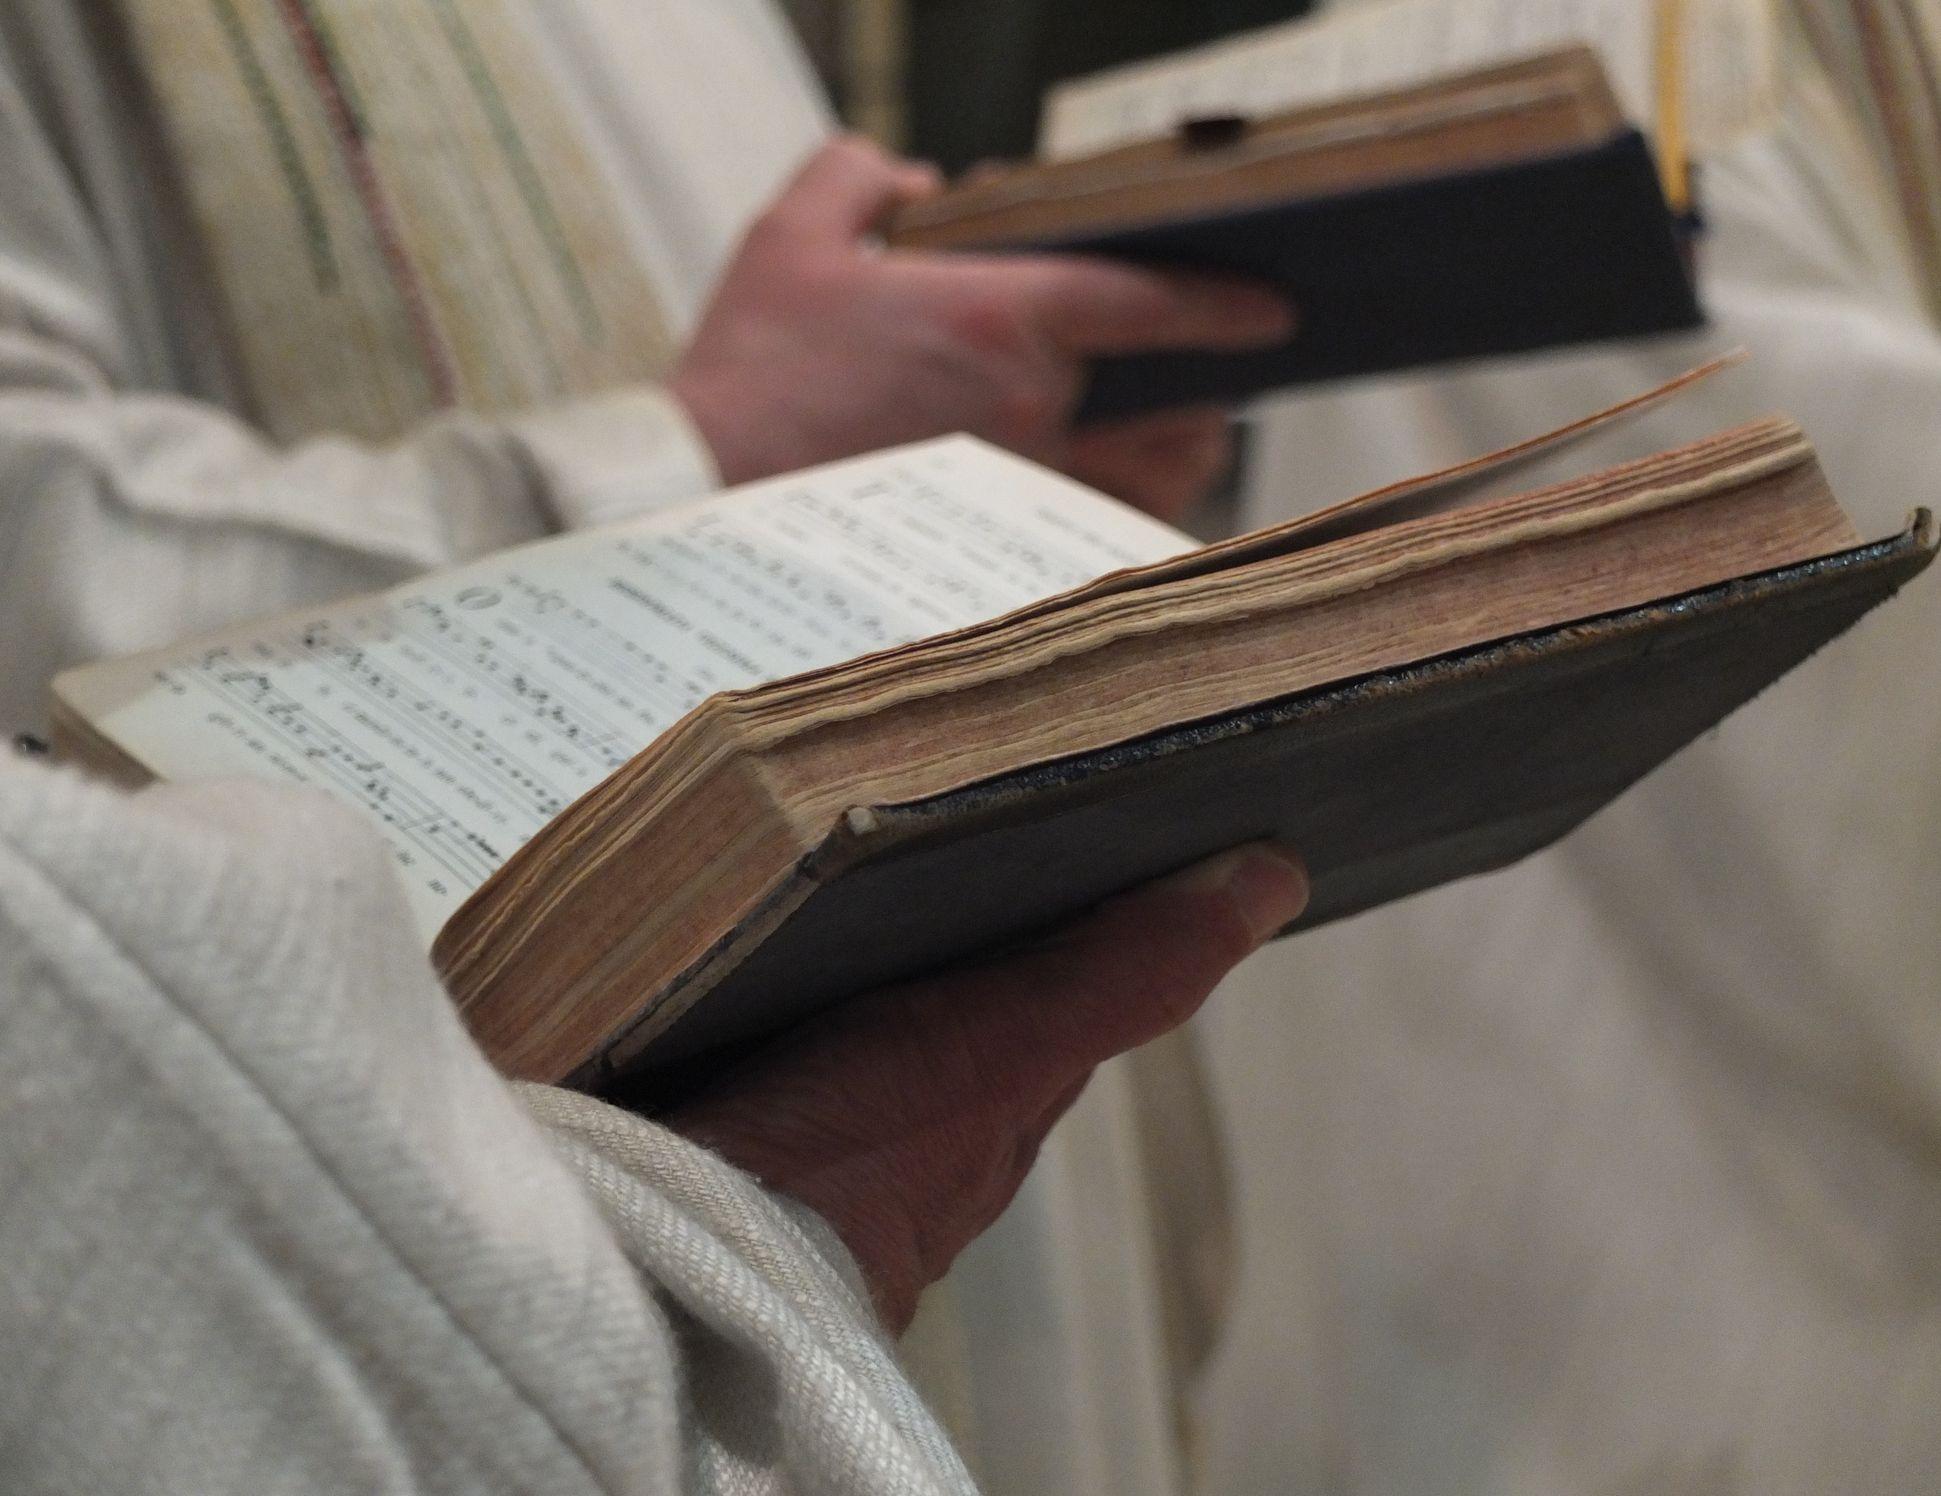 """Des livres de chant dans les mains des moines. On les appelle """"graduels"""", et ils servent pour chanter le Grégorien durant la messe."""